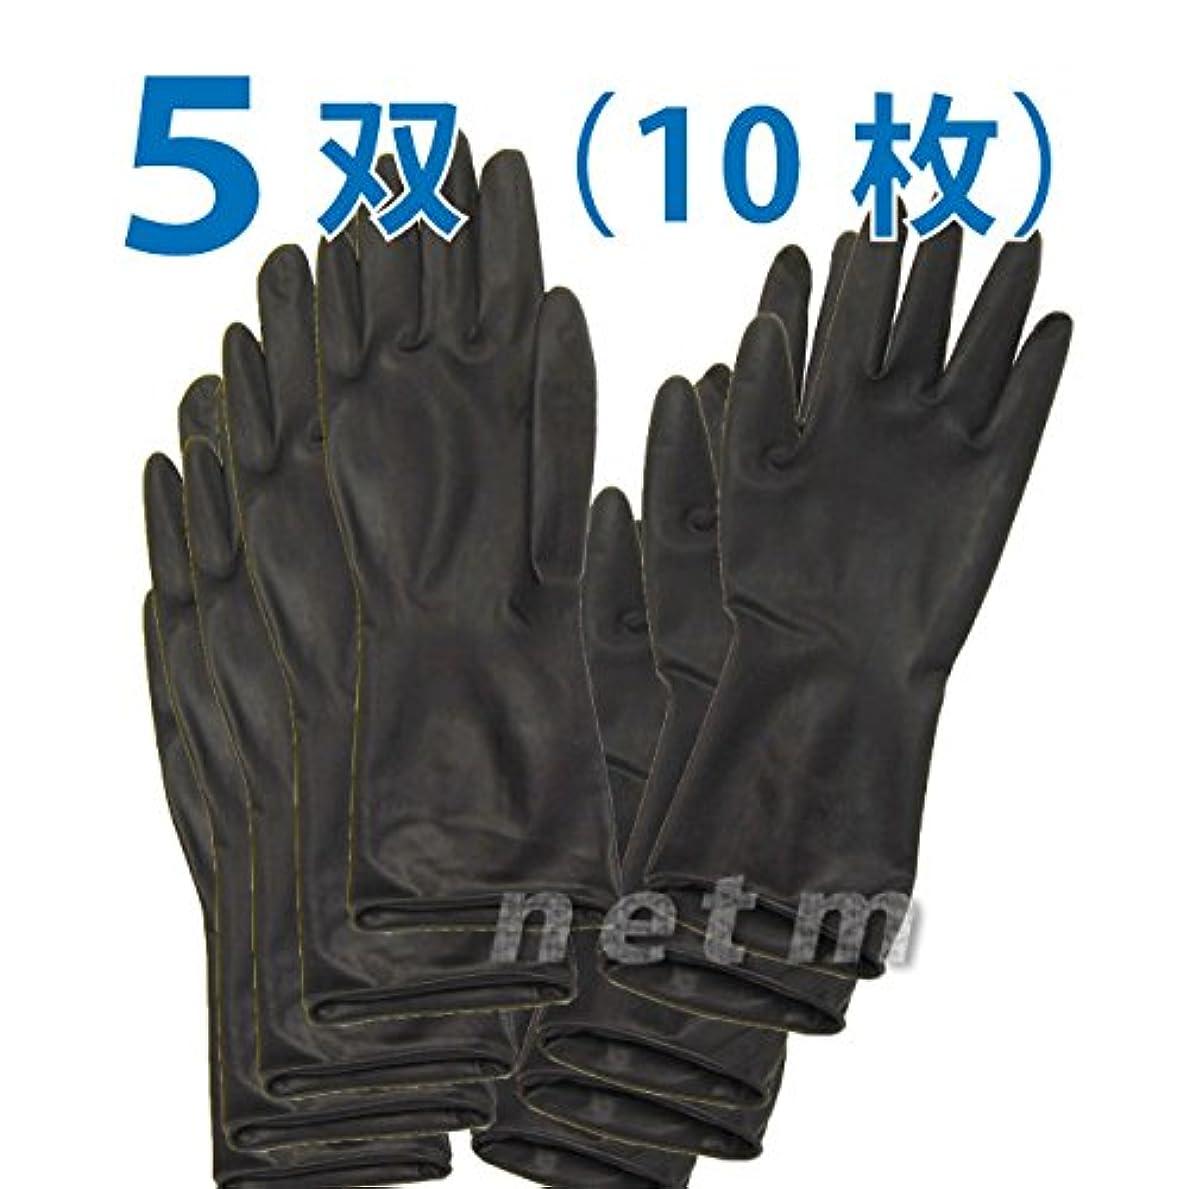 季節自発的マスクオカモト ブラックグローブ ロングタイプ Mサイズ  5双(10枚)